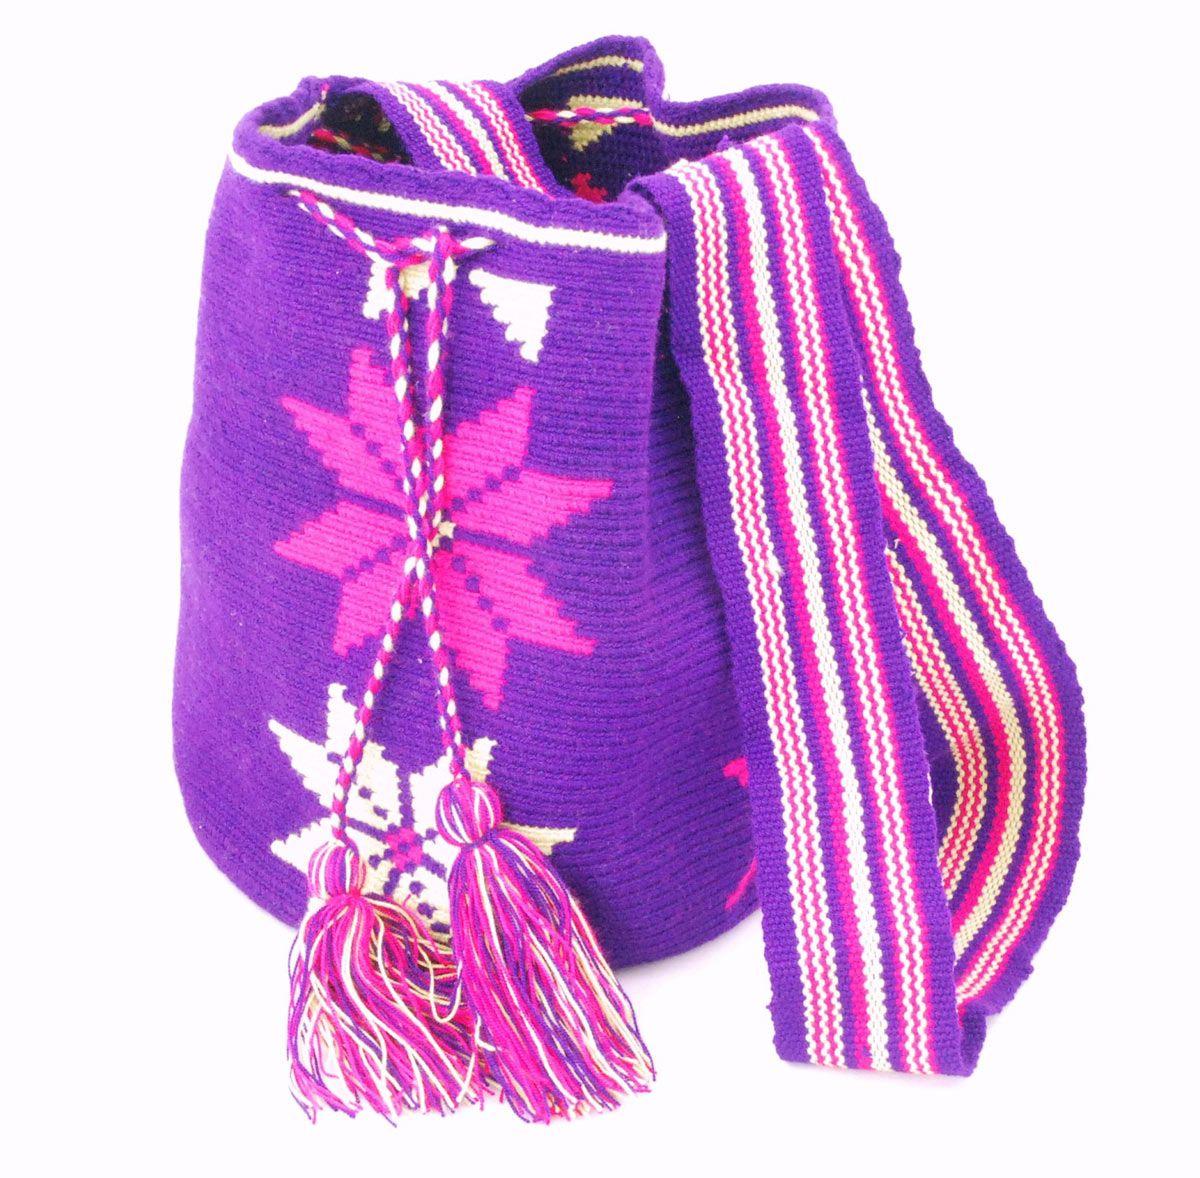 Wayuu Taya bag